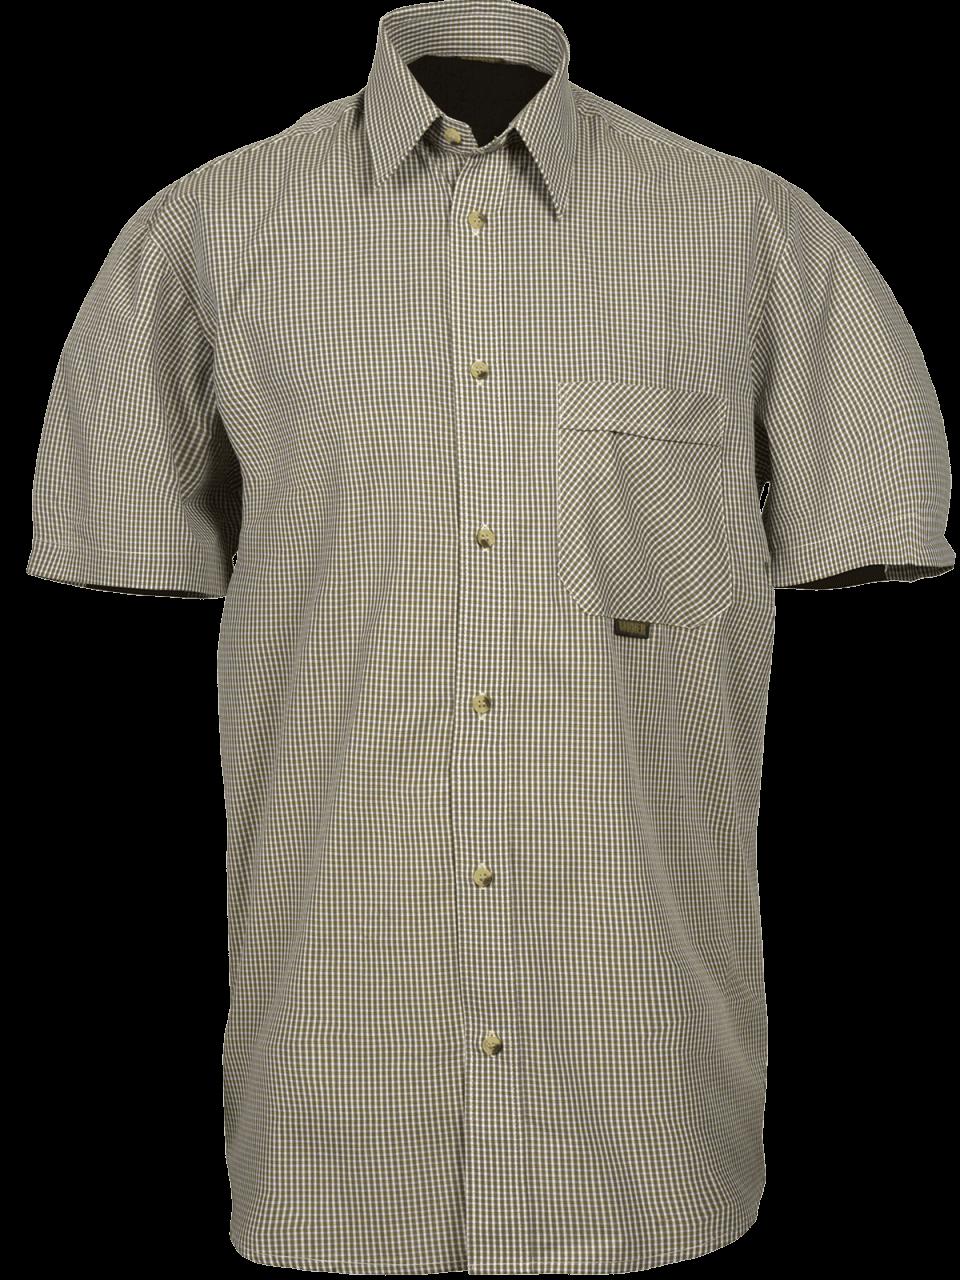 košeľa Aspela KR 1